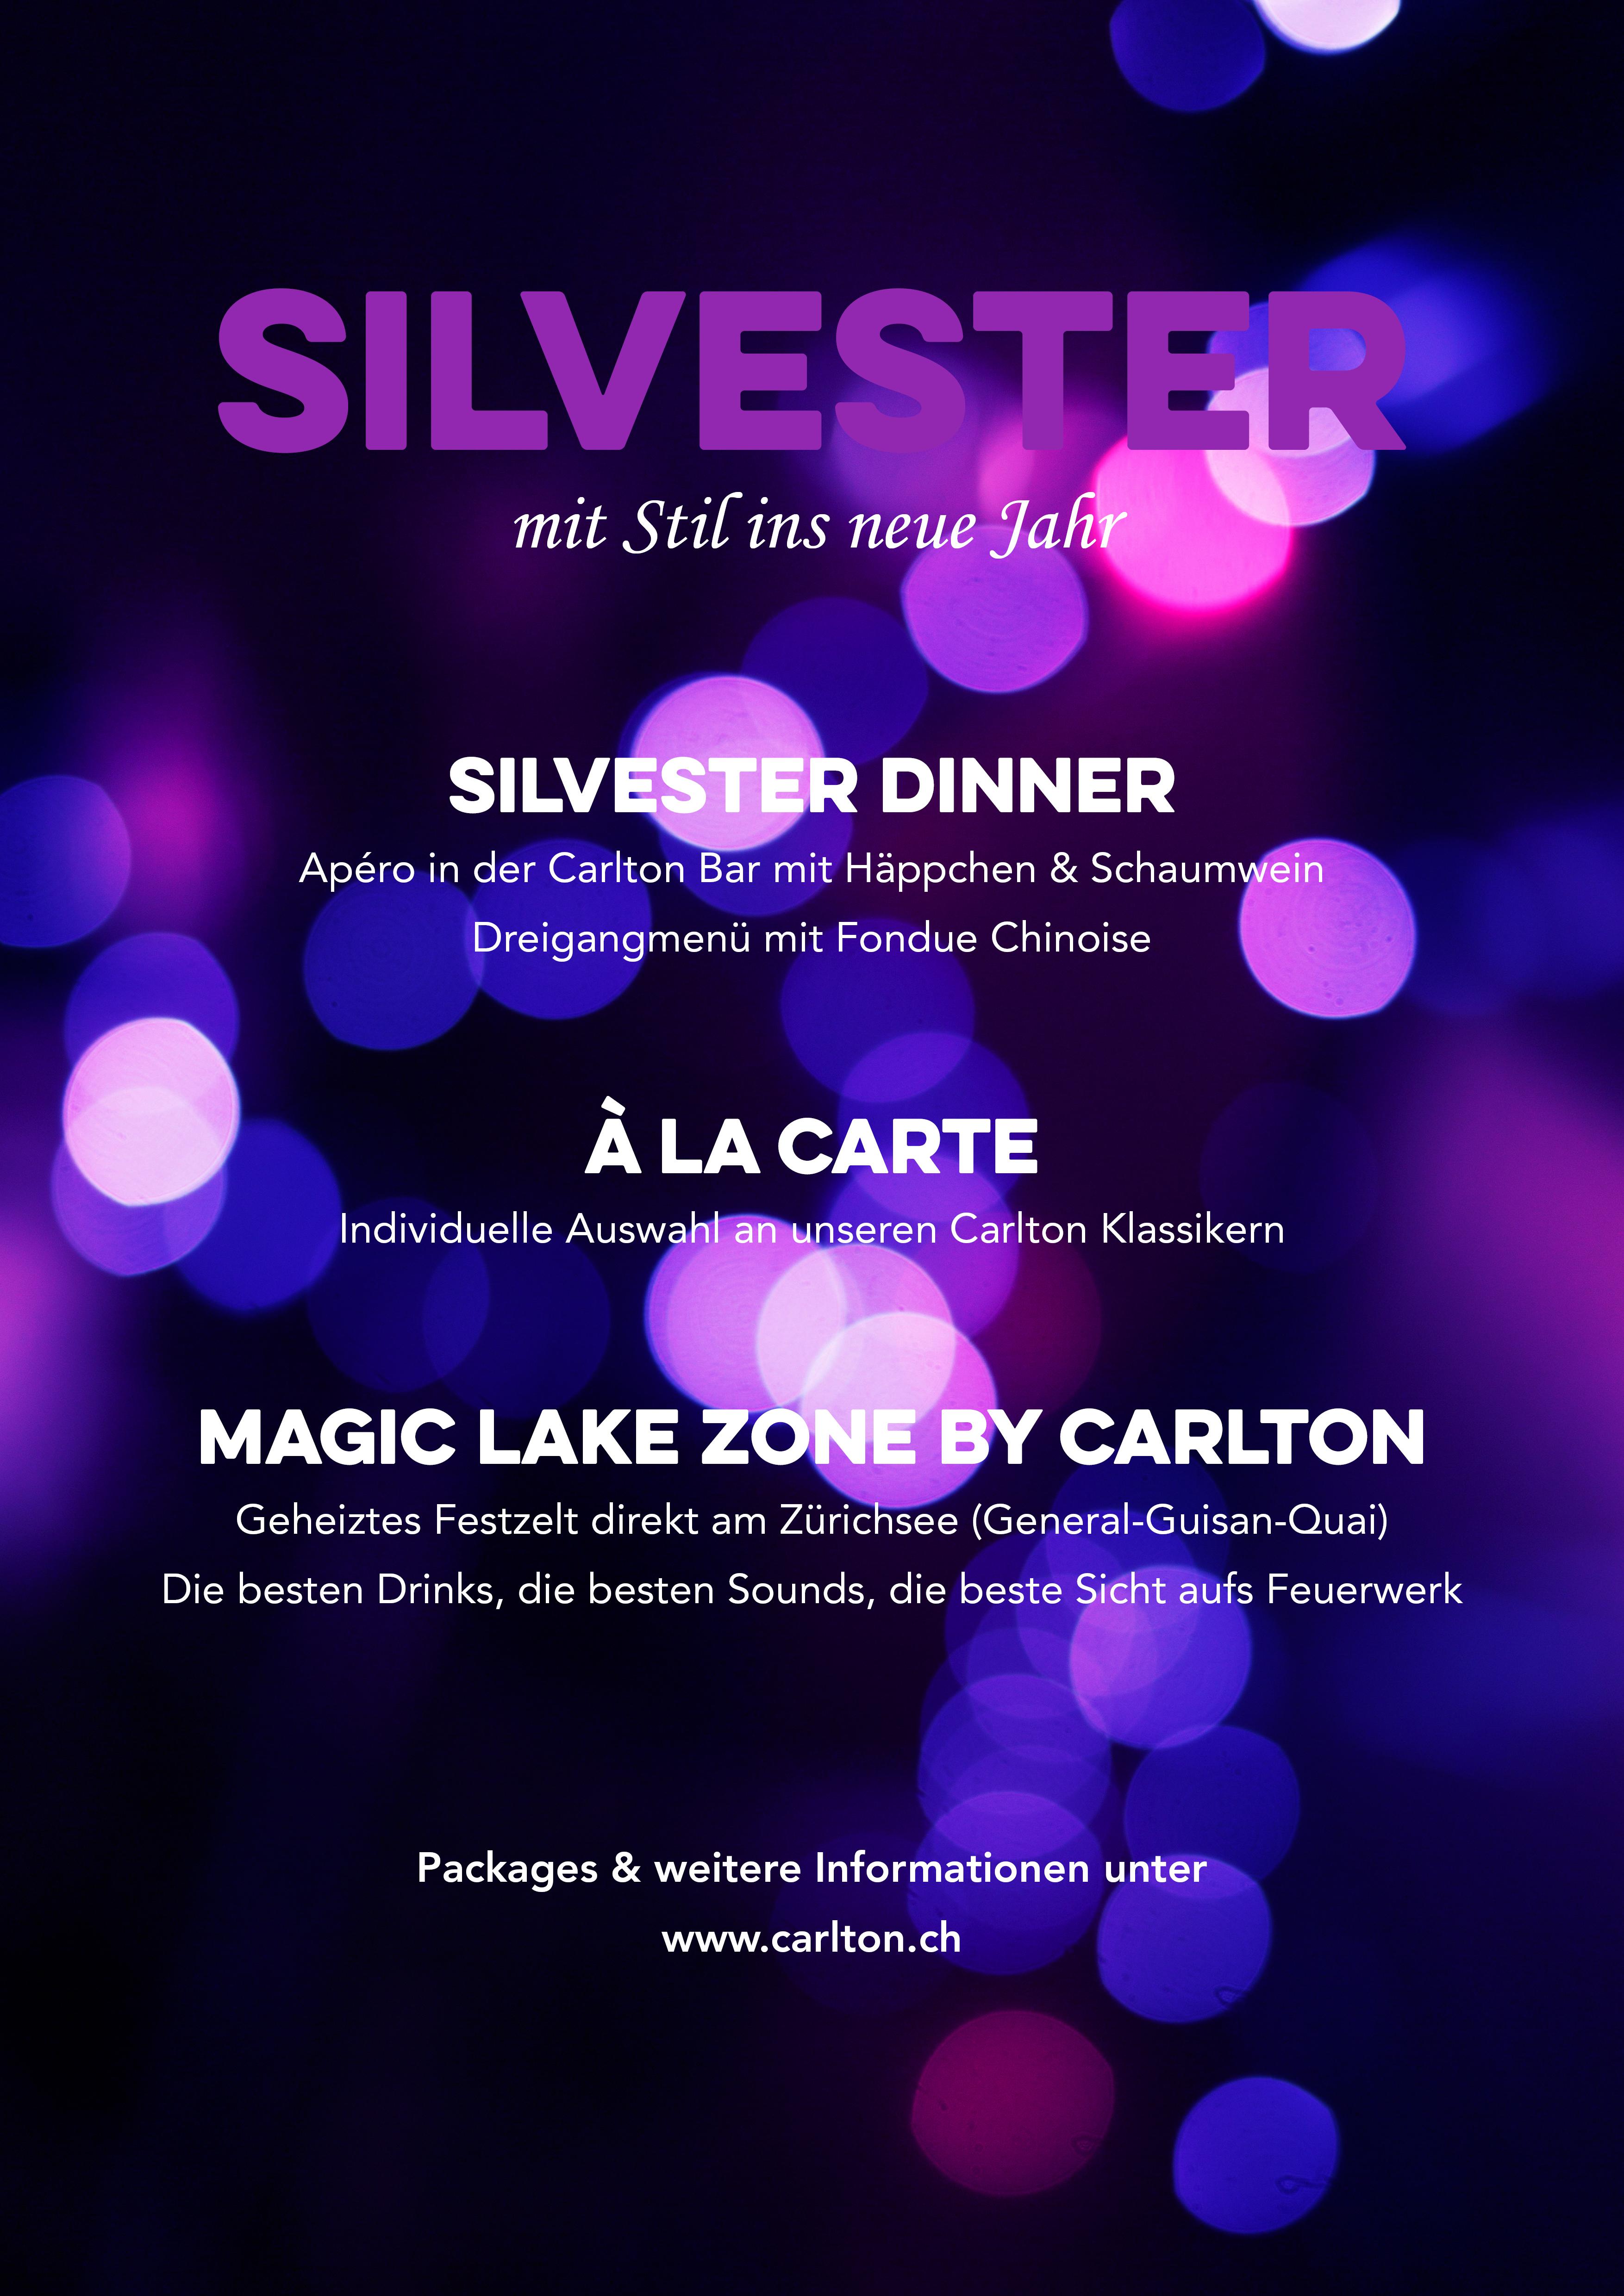 Silvester Dinner im Carlton